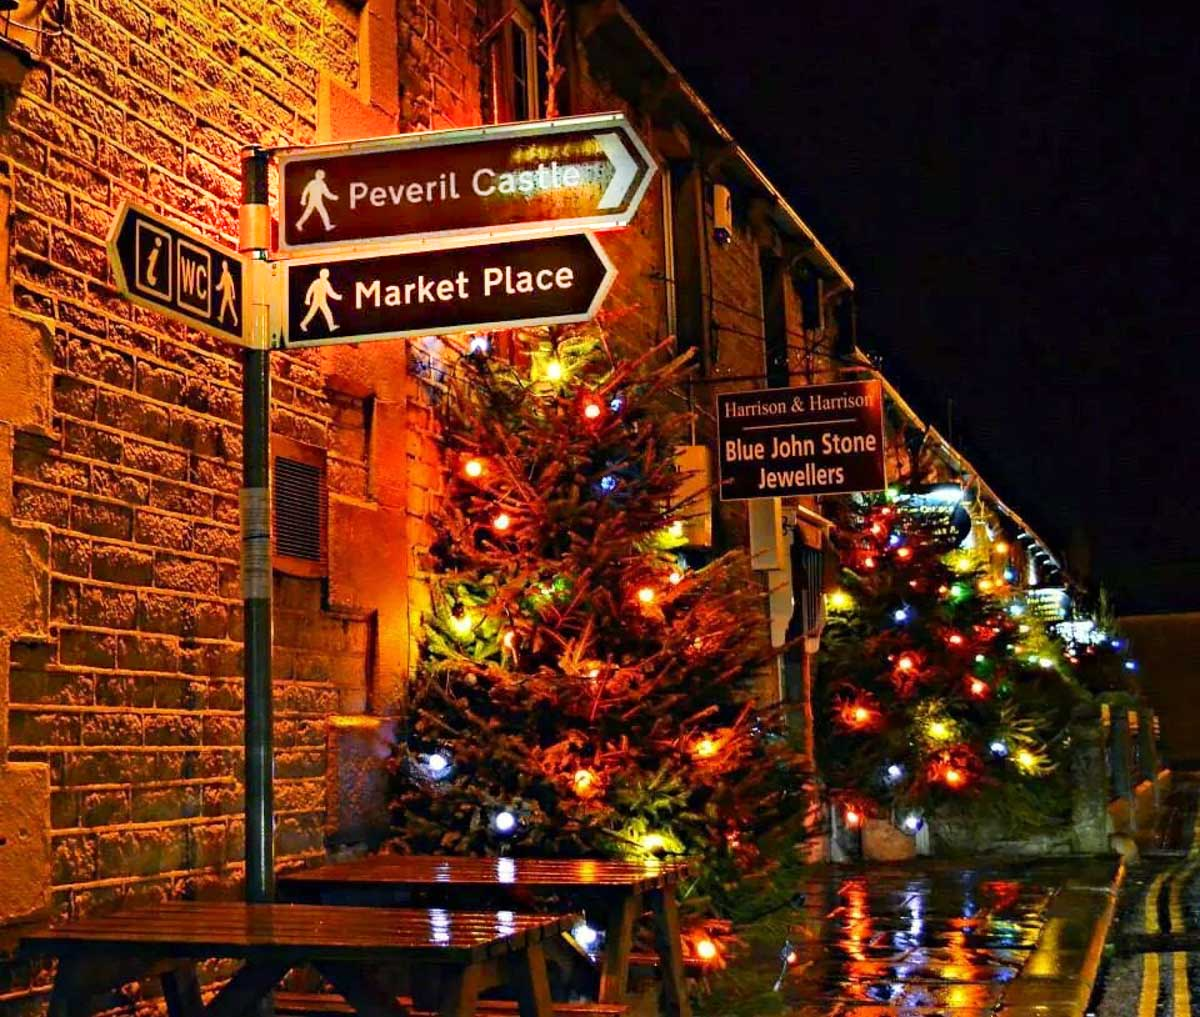 castleton sign at night